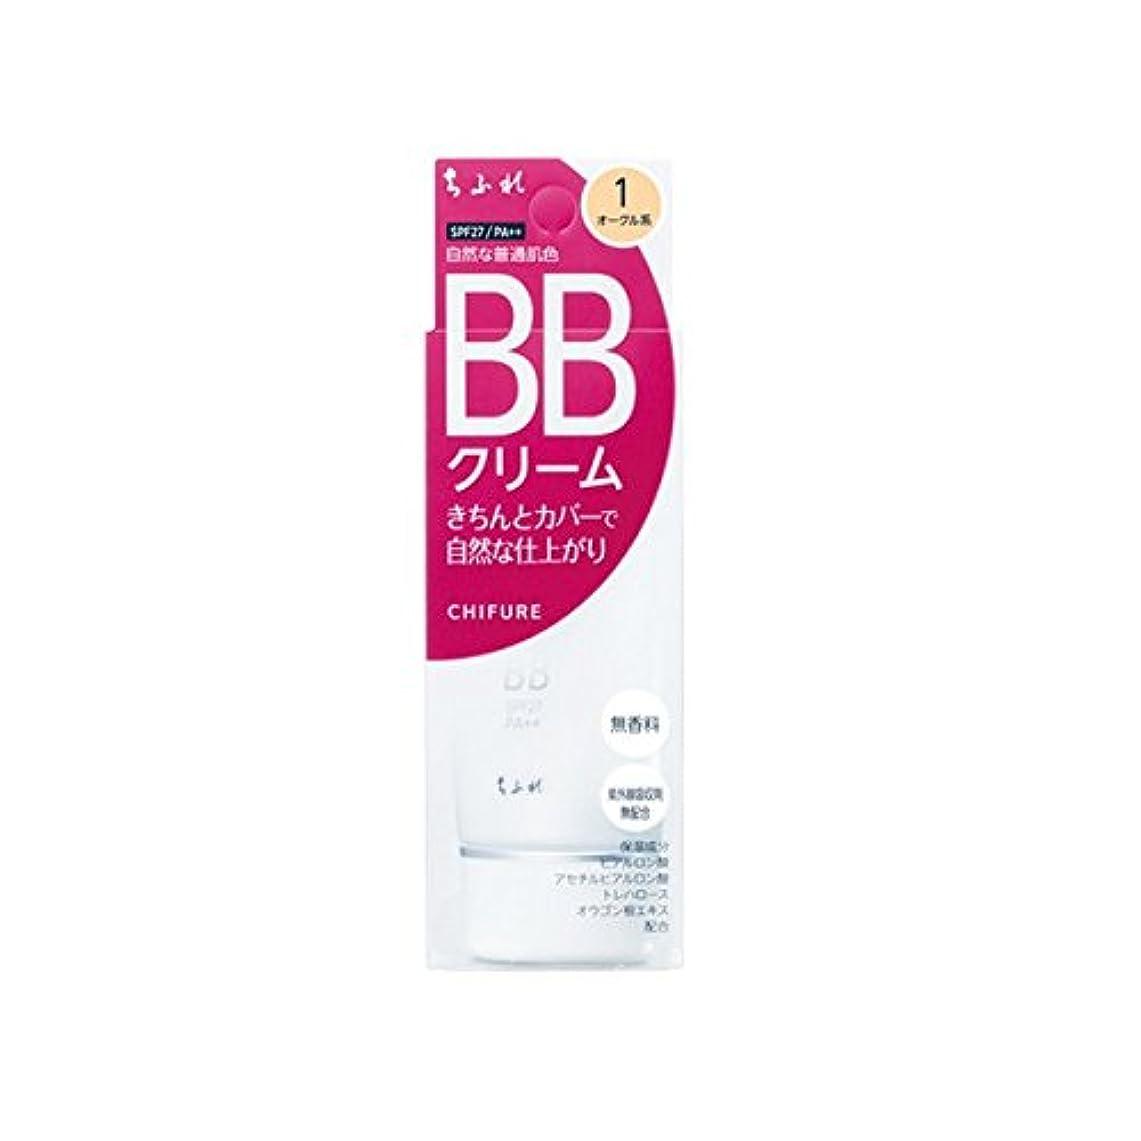 ピックペンス想起ちふれ化粧品 BB クリーム 1 自然な普通肌色 BBクリーム 1